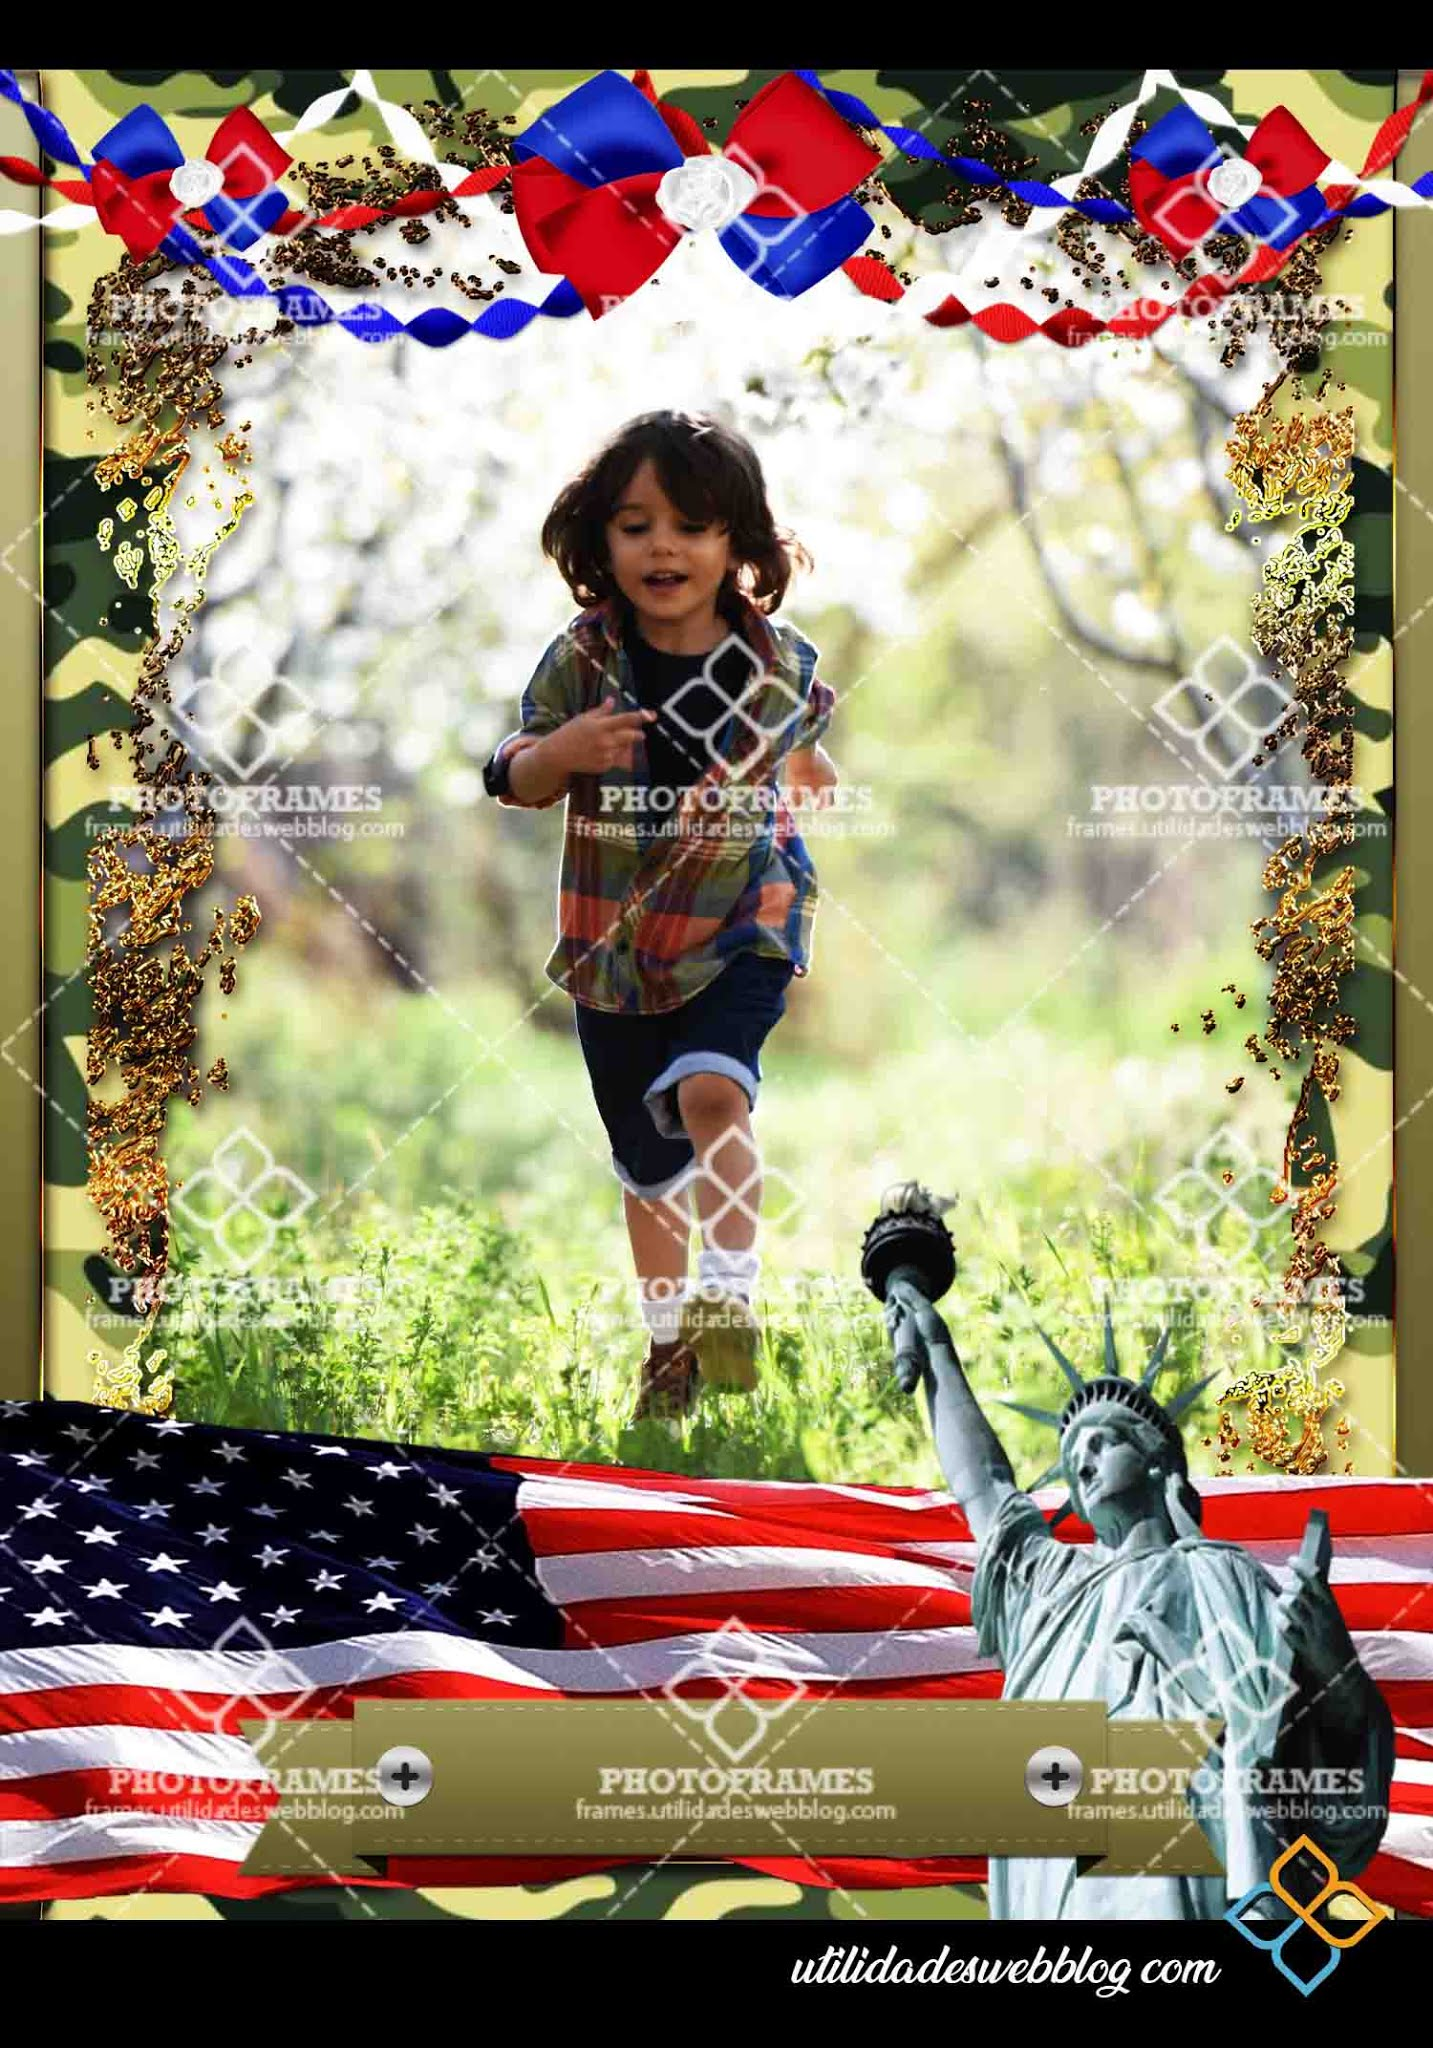 Marco para fotos del 14 de julio u otra celebración norteamericana